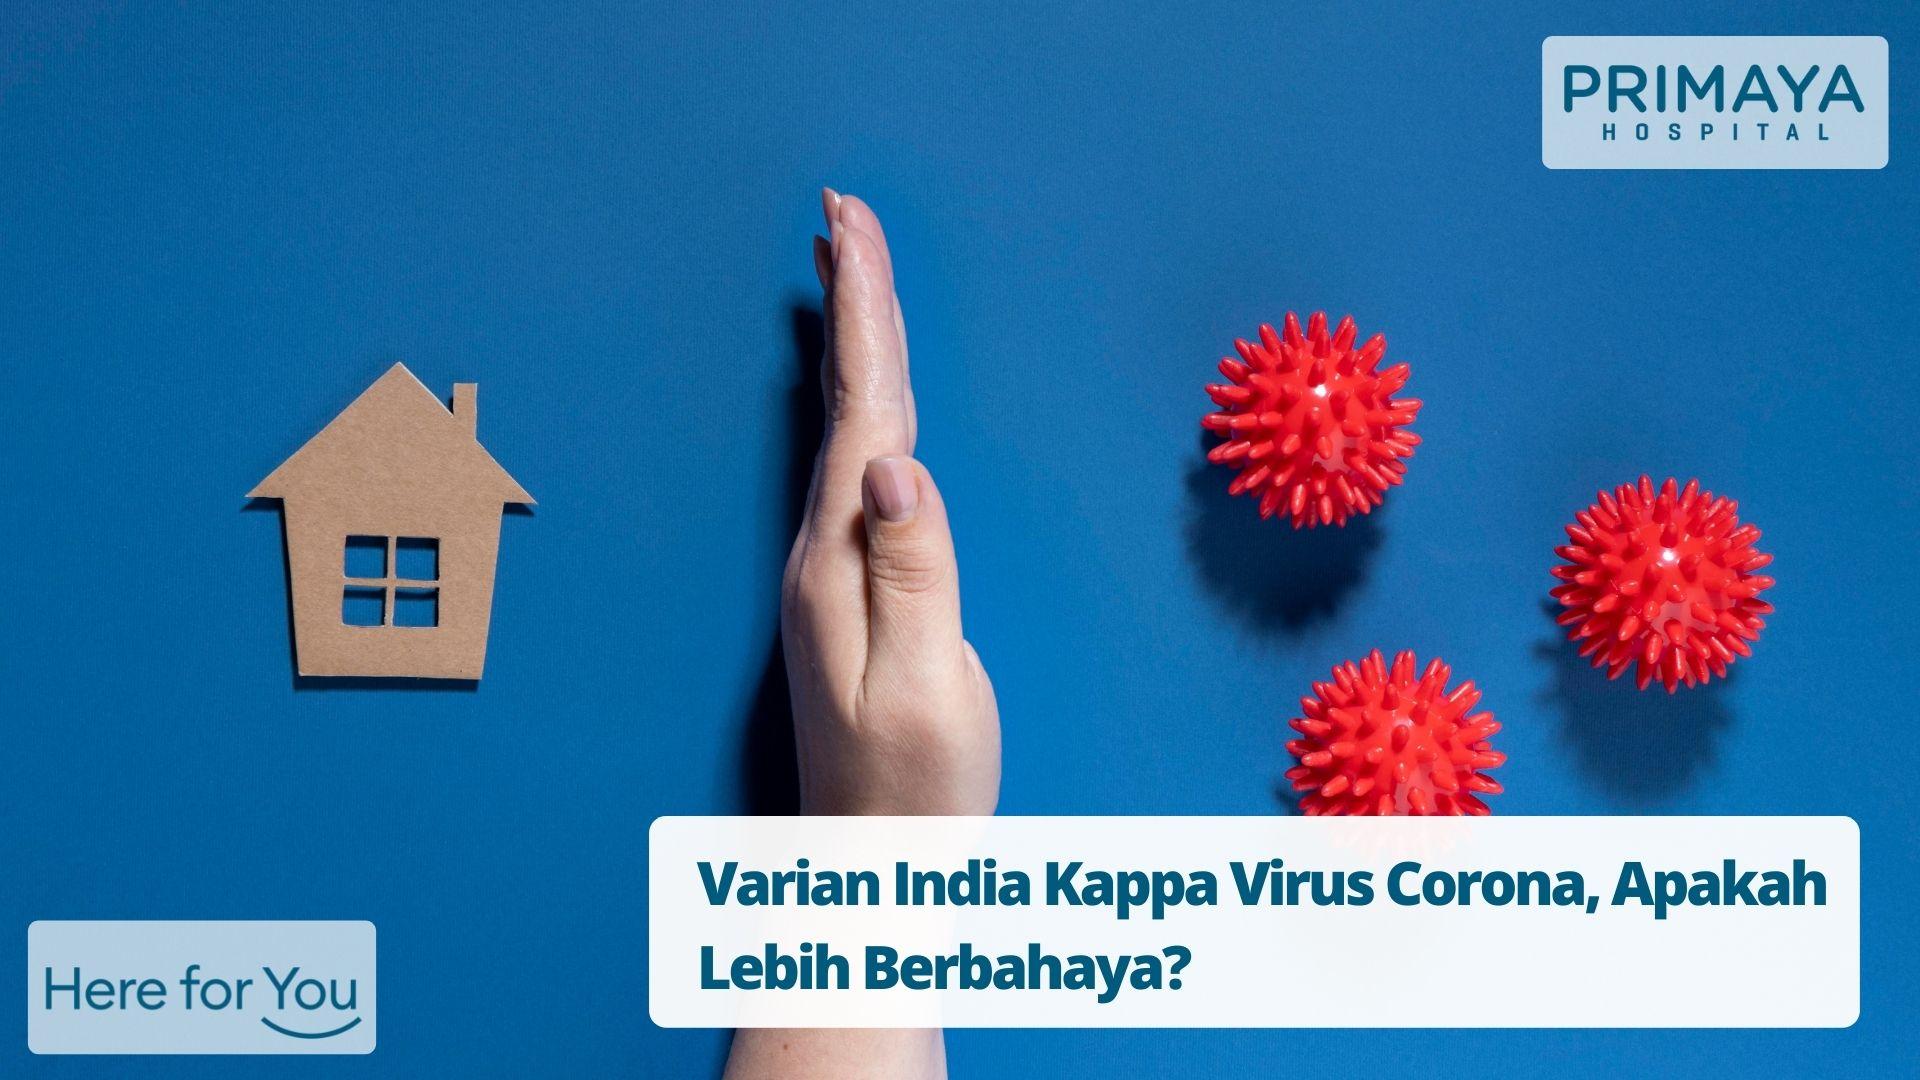 Varian India Kappa Virus Corona, Apakah Lebih Berbahaya?